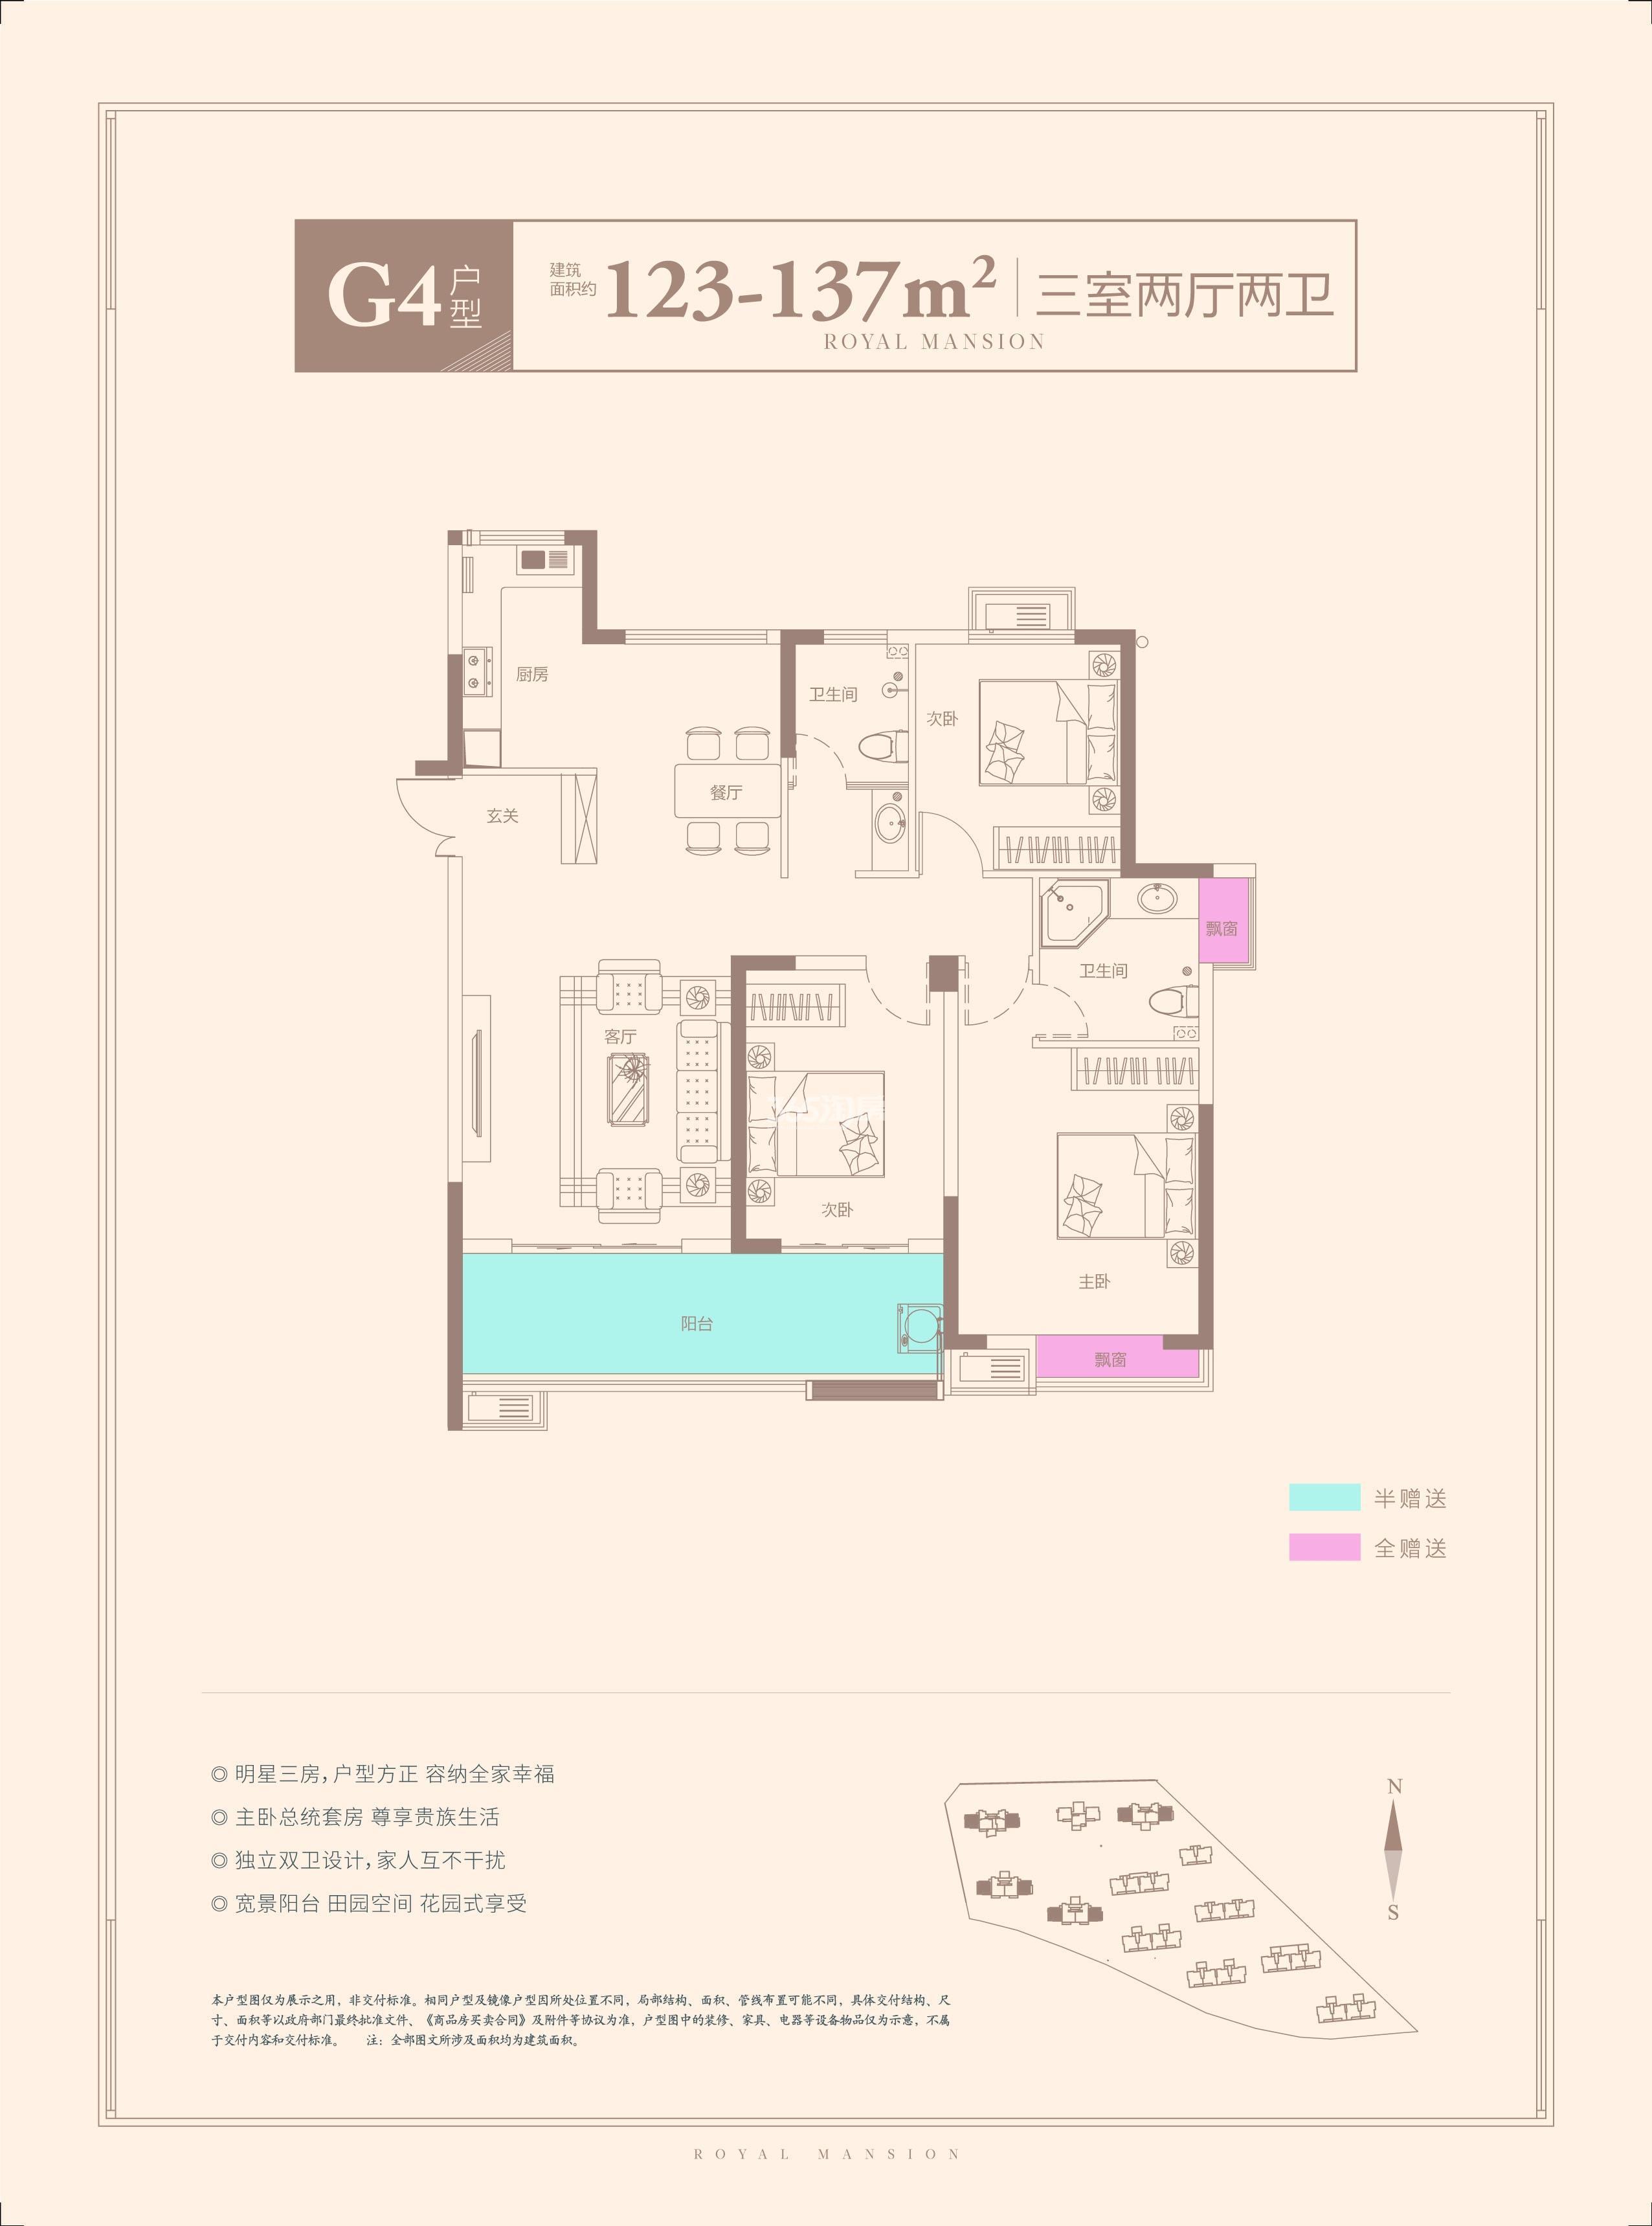 柏庄香府 三期高层G4户型 三室两厅两卫 123-137㎡